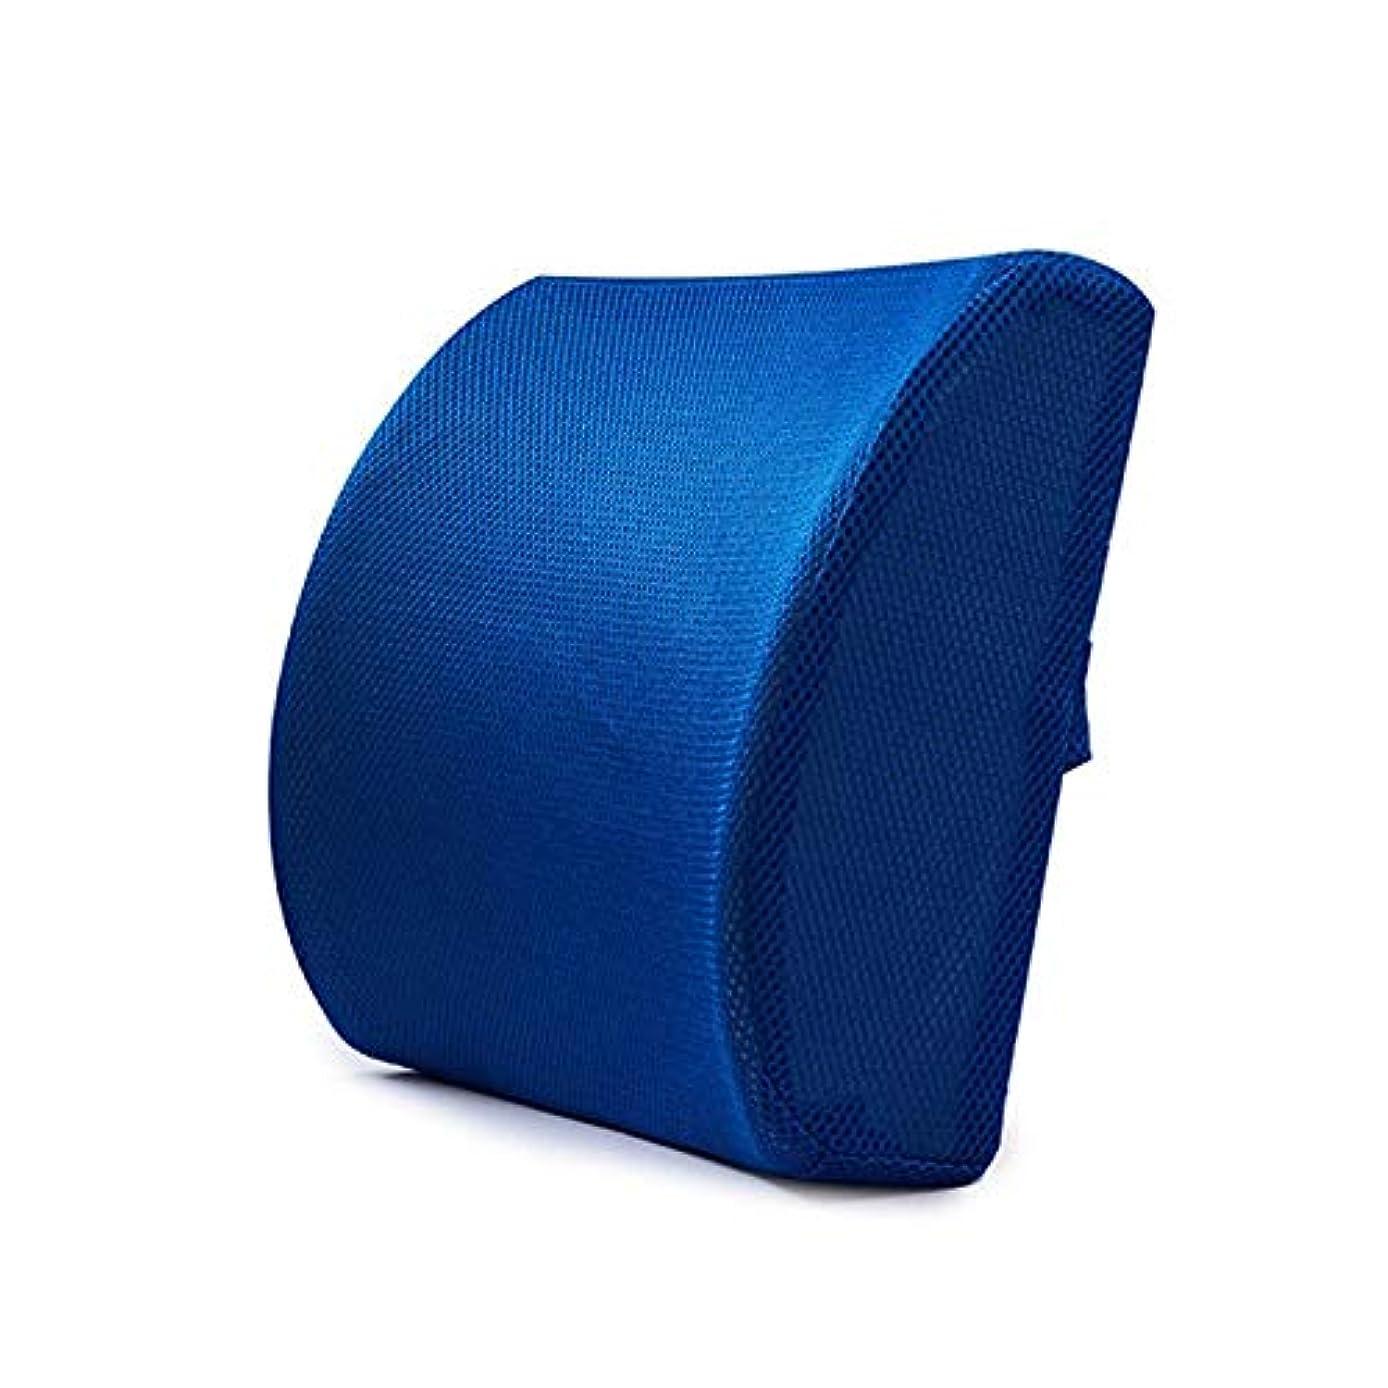 骨抗生物質スペアLIFE ホームオフィス背もたれ椅子腰椎クッションカーシートネック枕 3D 低反発サポートバックマッサージウエストレスリビング枕 クッション 椅子